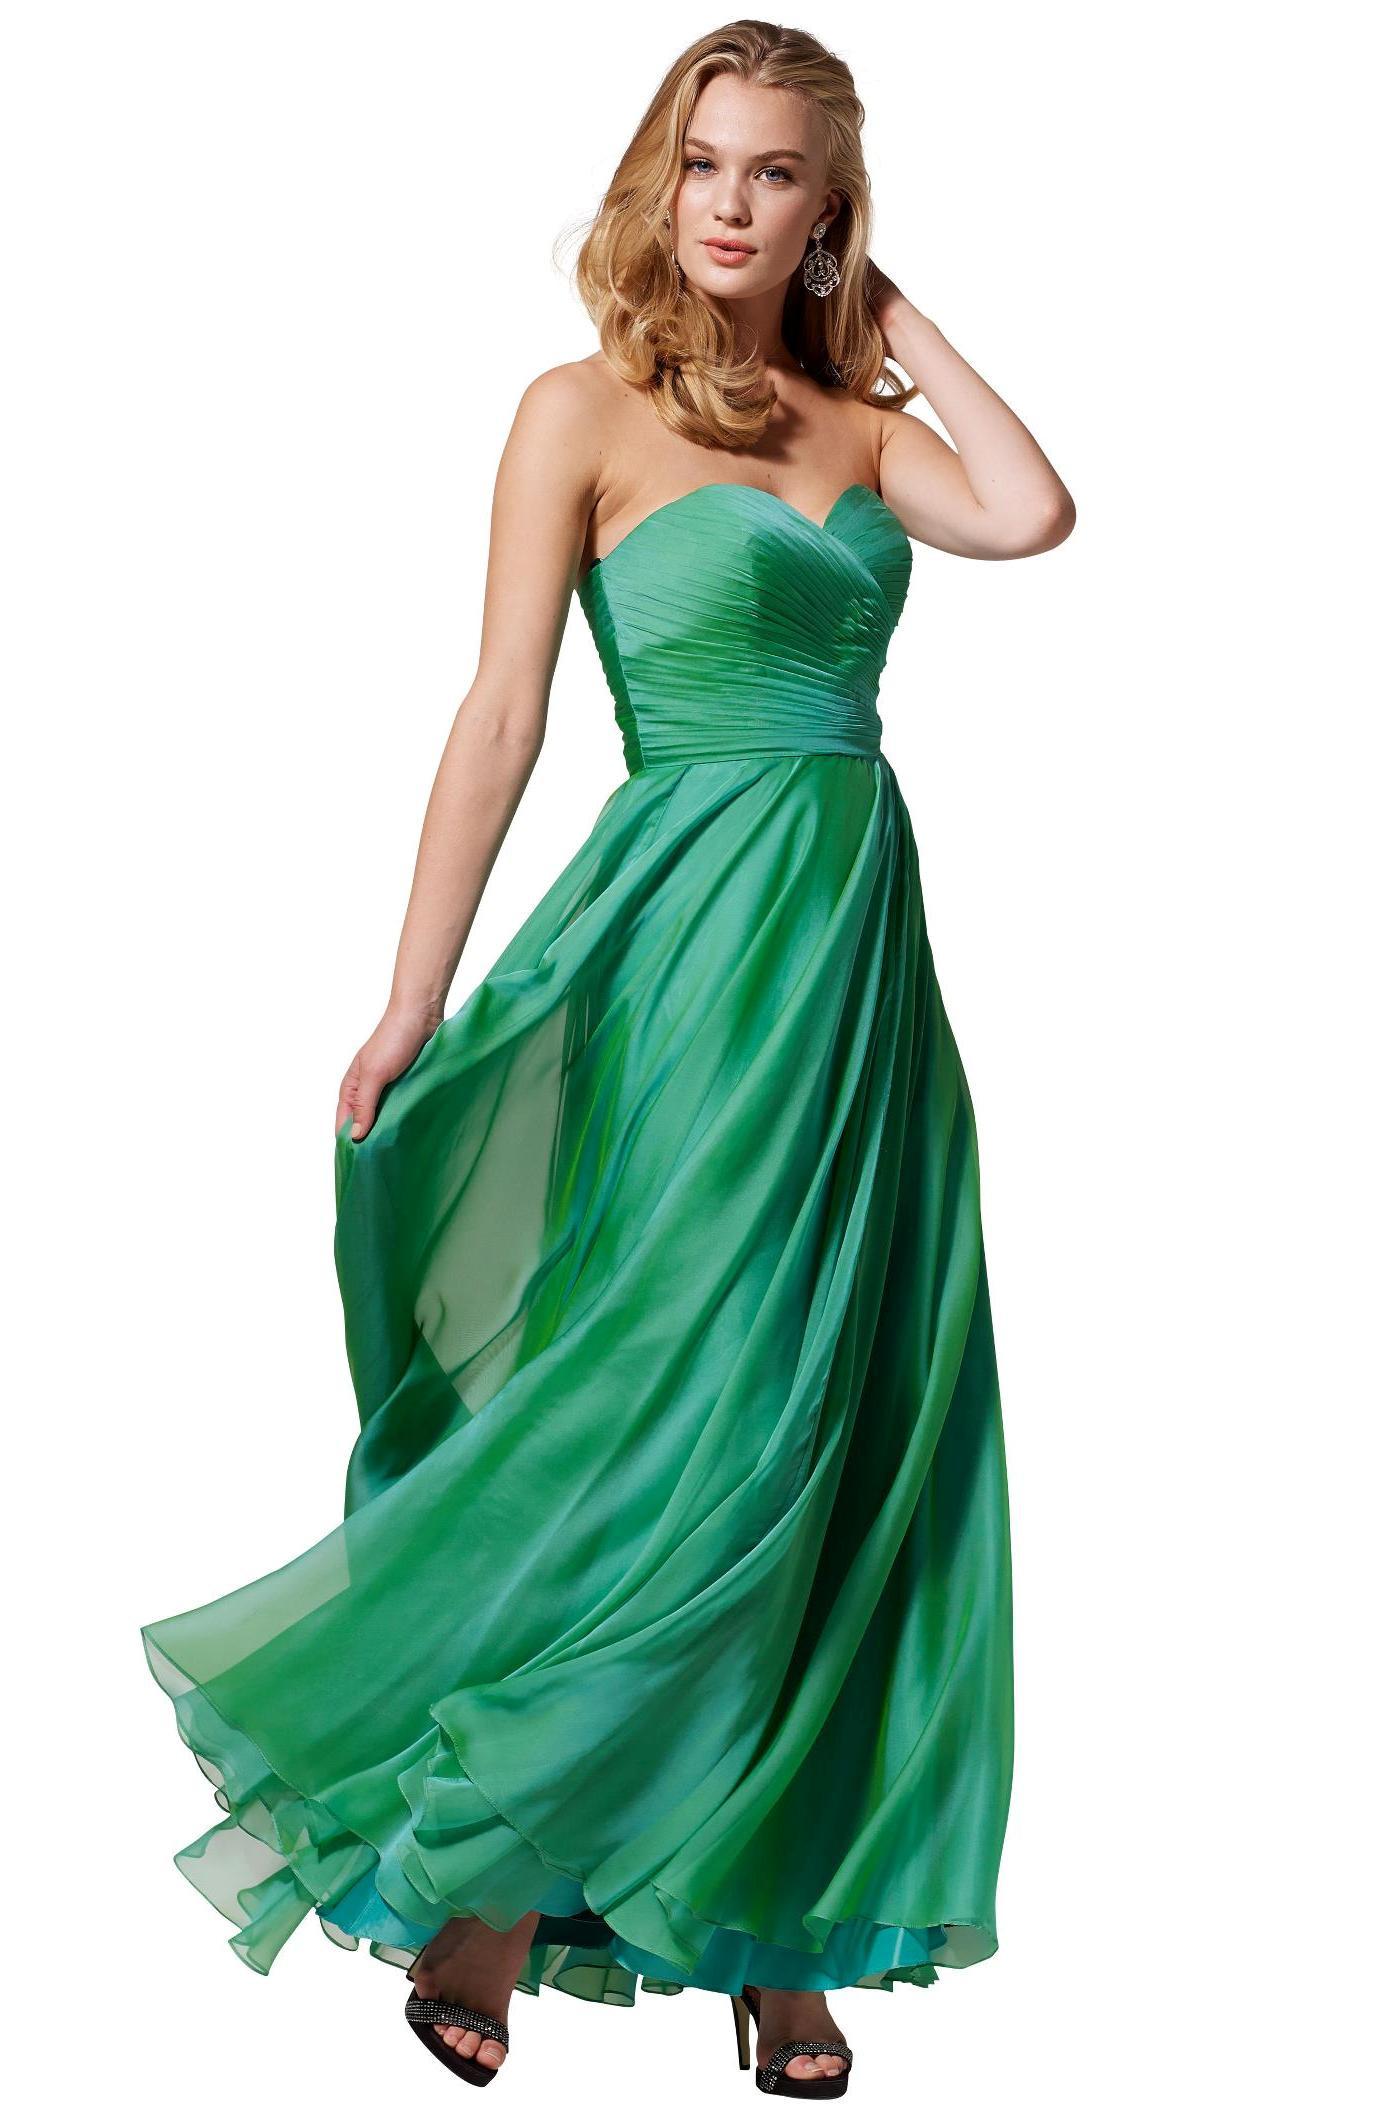 Formal Leicht Abendkleider Villach Spezialgebiet17 Luxurius Abendkleider Villach Bester Preis